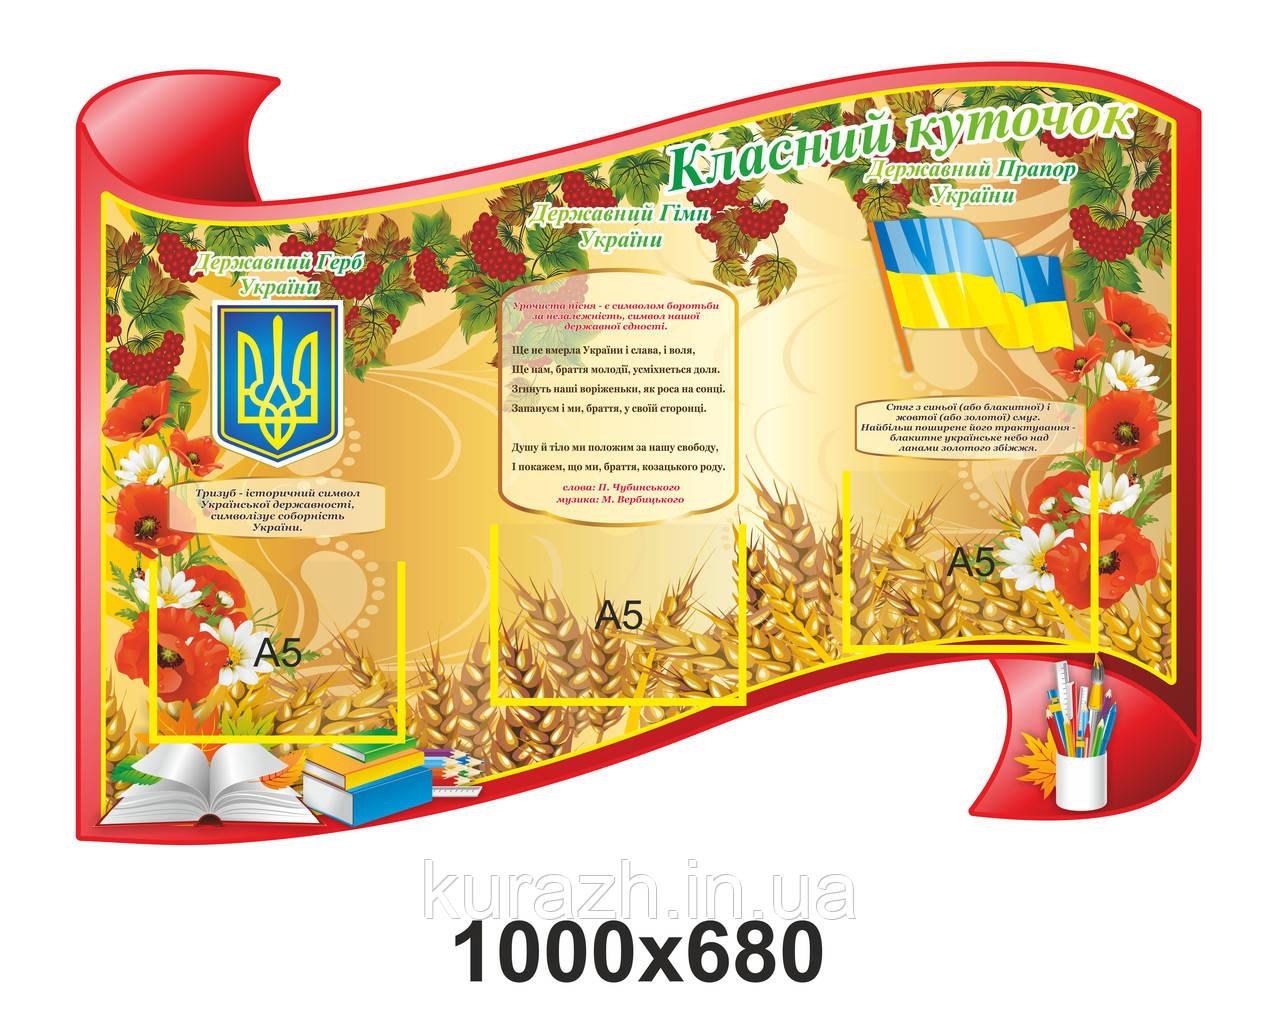 """Стенд для школы """"Классный уголок"""" -  """"Кураж Стенд"""" - изготовление наружной и внутренней рекламы в Киевской области"""